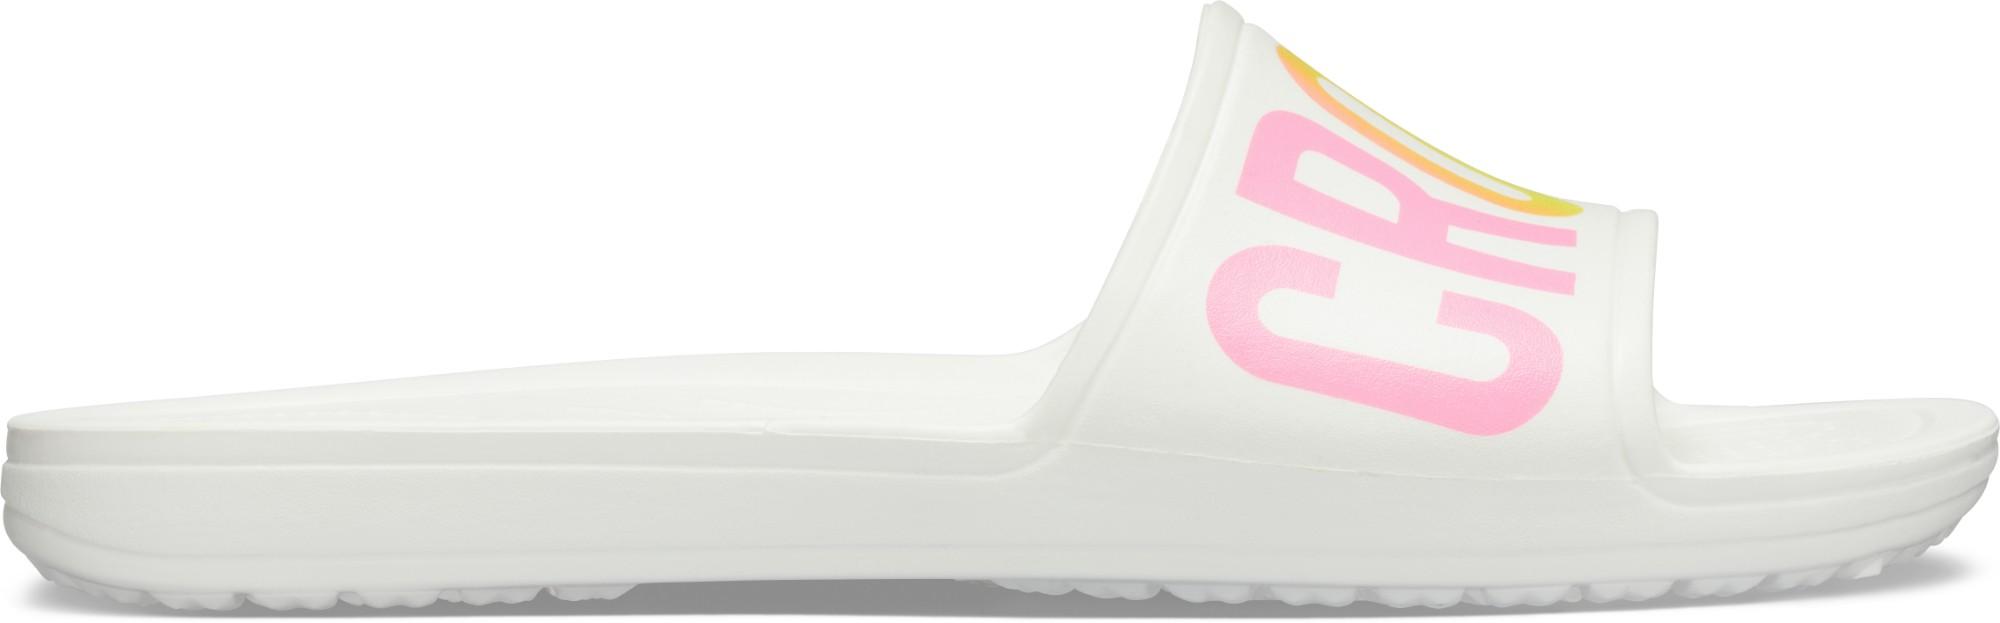 Crocs™ Sloane Logo Mania Slide Women's White 41